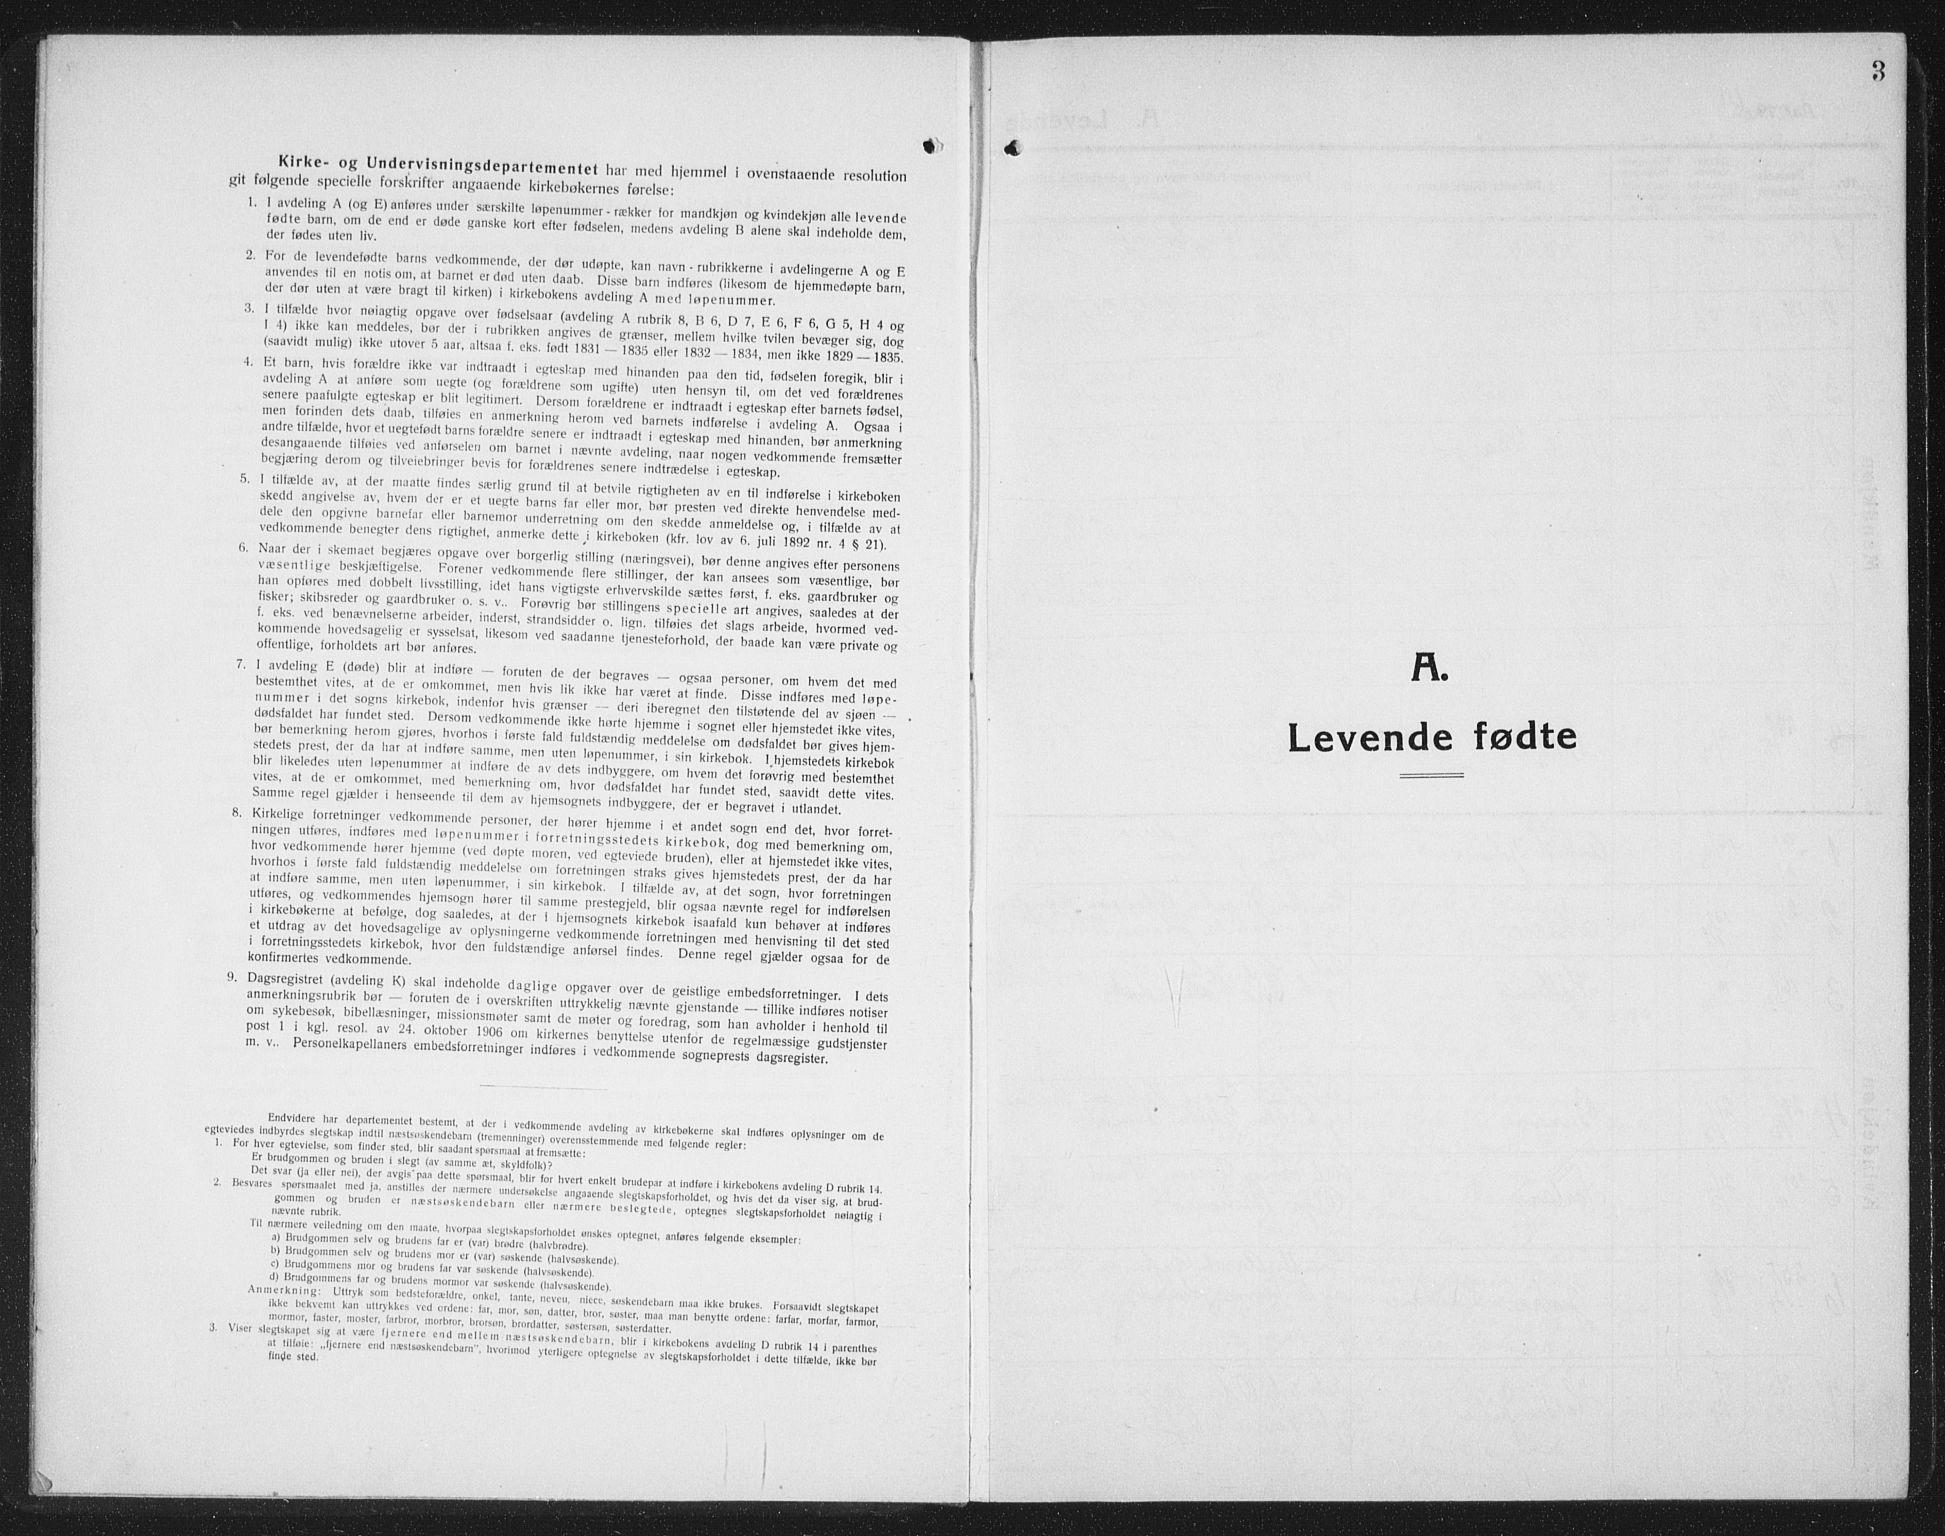 SAT, Ministerialprotokoller, klokkerbøker og fødselsregistre - Nord-Trøndelag, 745/L0434: Klokkerbok nr. 745C03, 1914-1937, s. 3